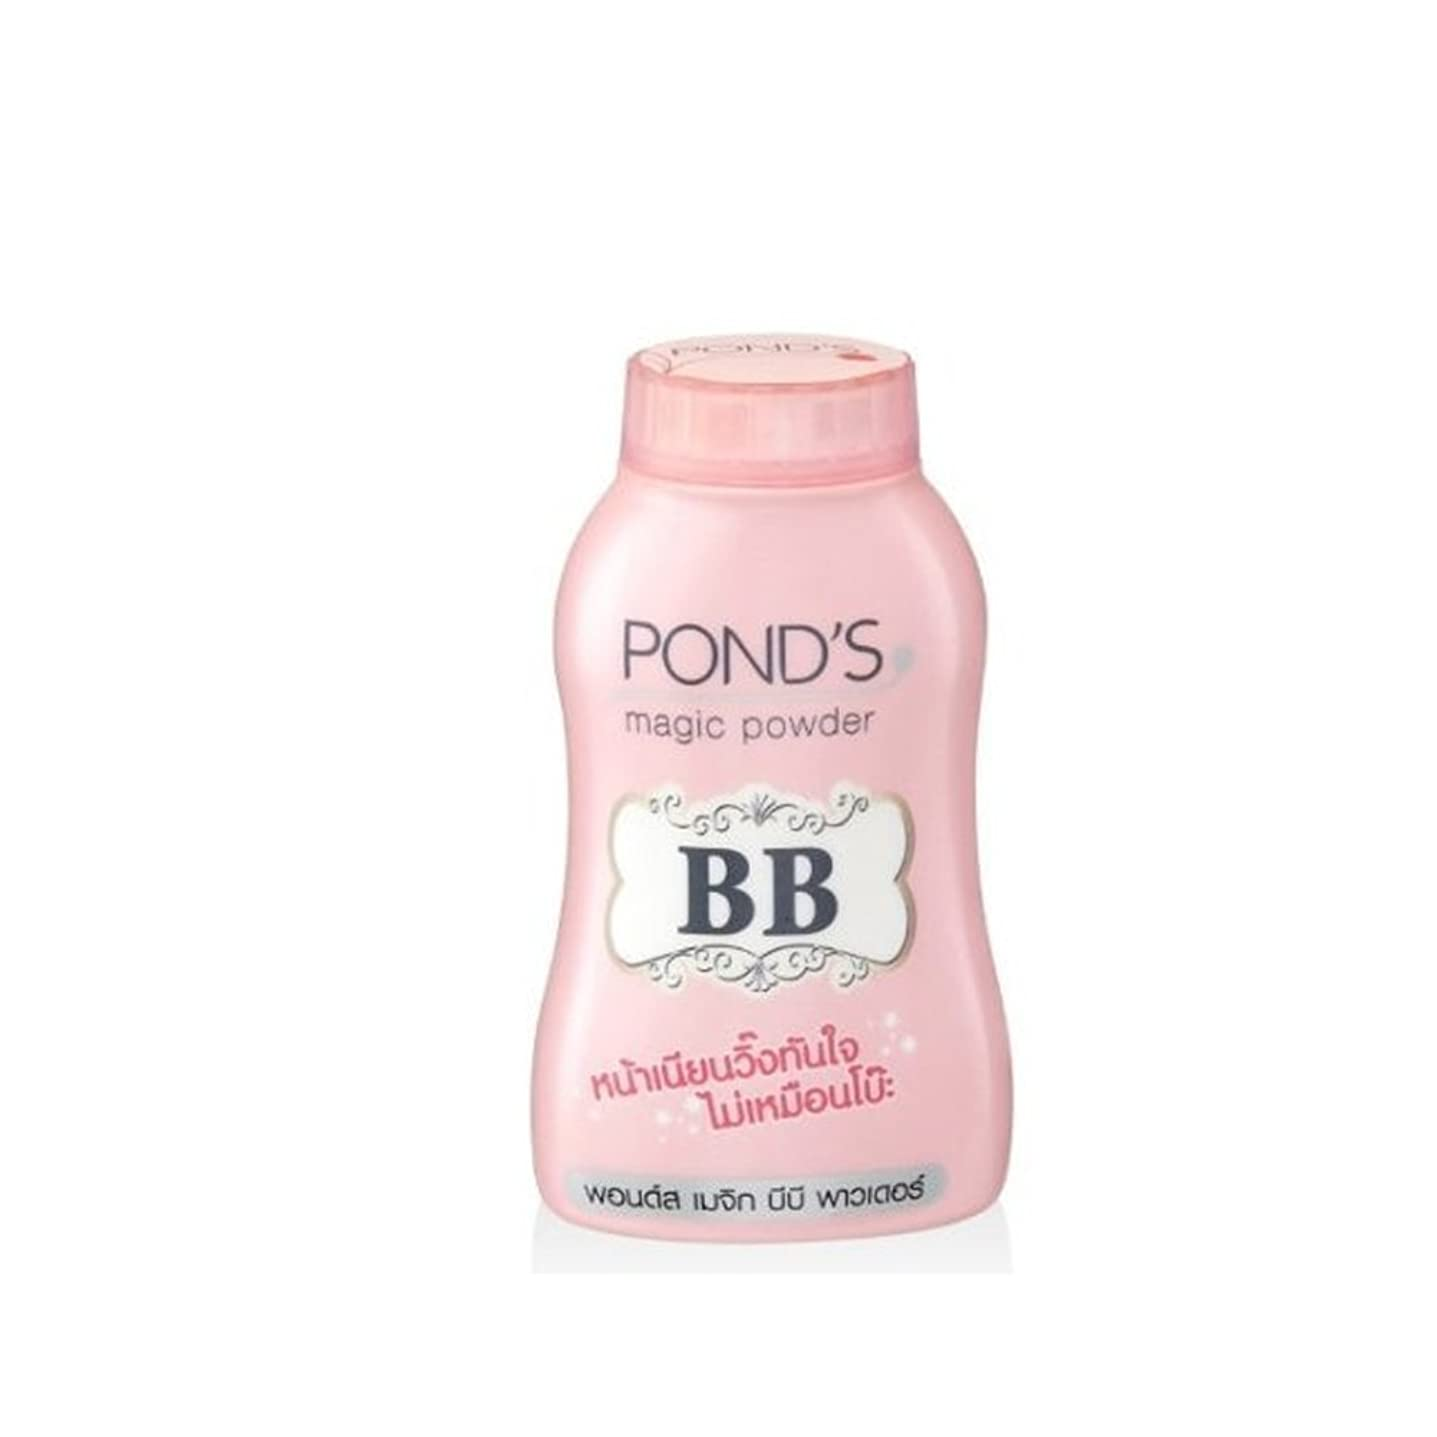 リスク配当叫び声POND's Magic BB Pwder ポン酢マジック?パウダー50g 2 pack (並行輸入品)